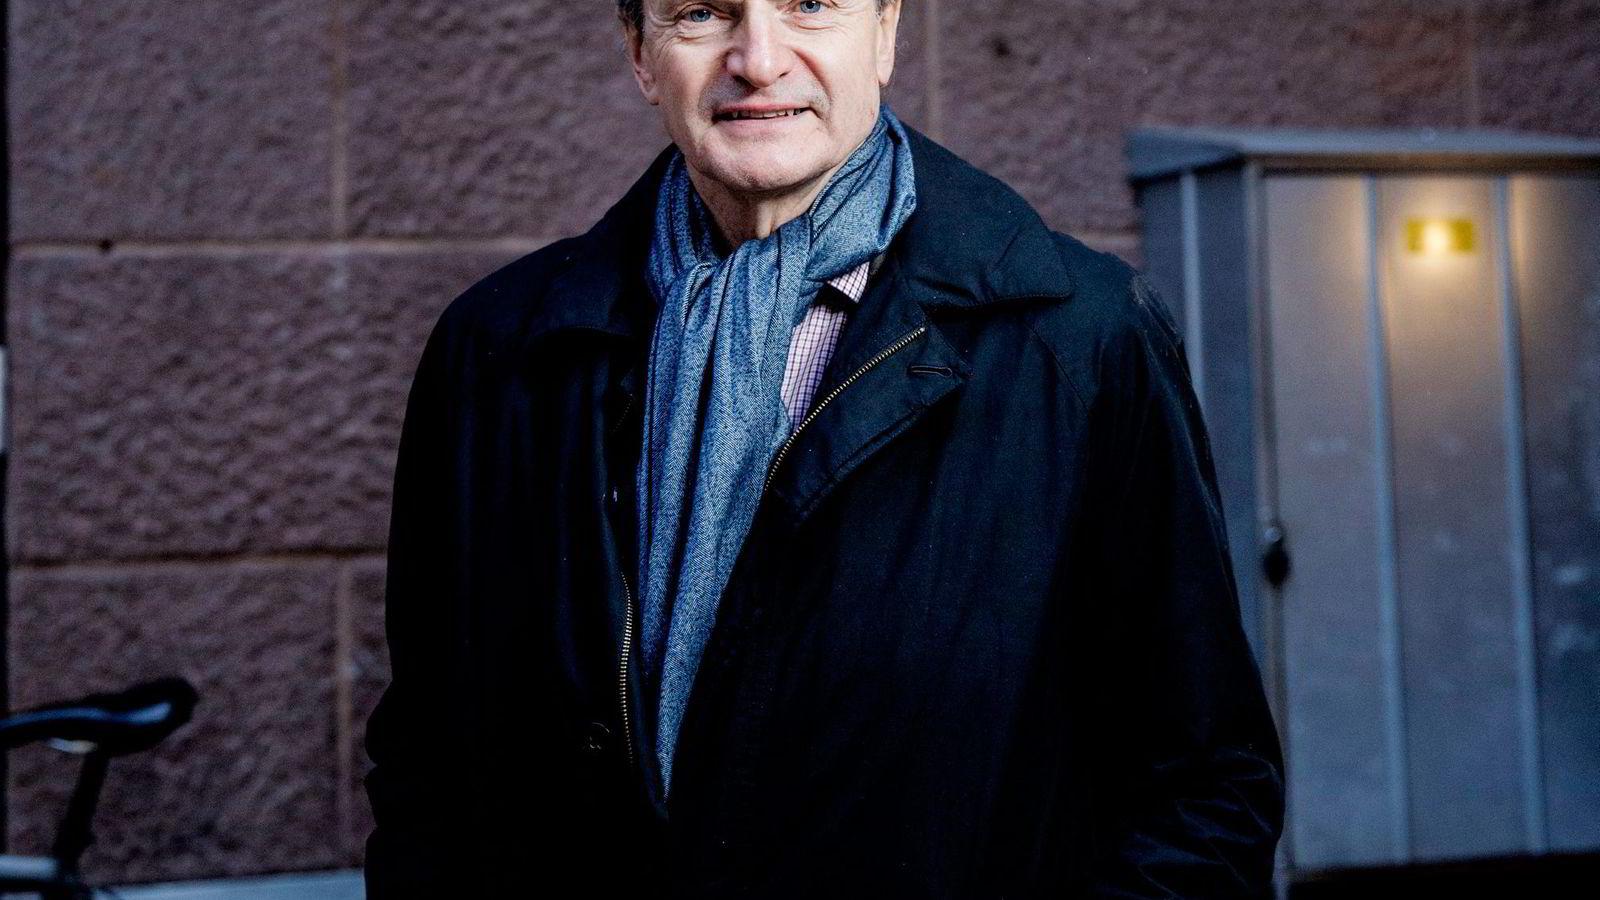 «Etter vitnegjennomgåelsen i første halvår 2014, fikk jeg tilgang til konfidensiell informasjon fra etterforskende myndigheter. I høringen i januar var det en selvfølge for meg at disse opplysningene skulle forbli konfidensielle. Jeg beklager at dette forhold ikke ble tydeliggjort i januar», skriver tidligere konsernsjef i Telenor Jon Fredrik Baksaas. Foto: Fredrik Bjerknes